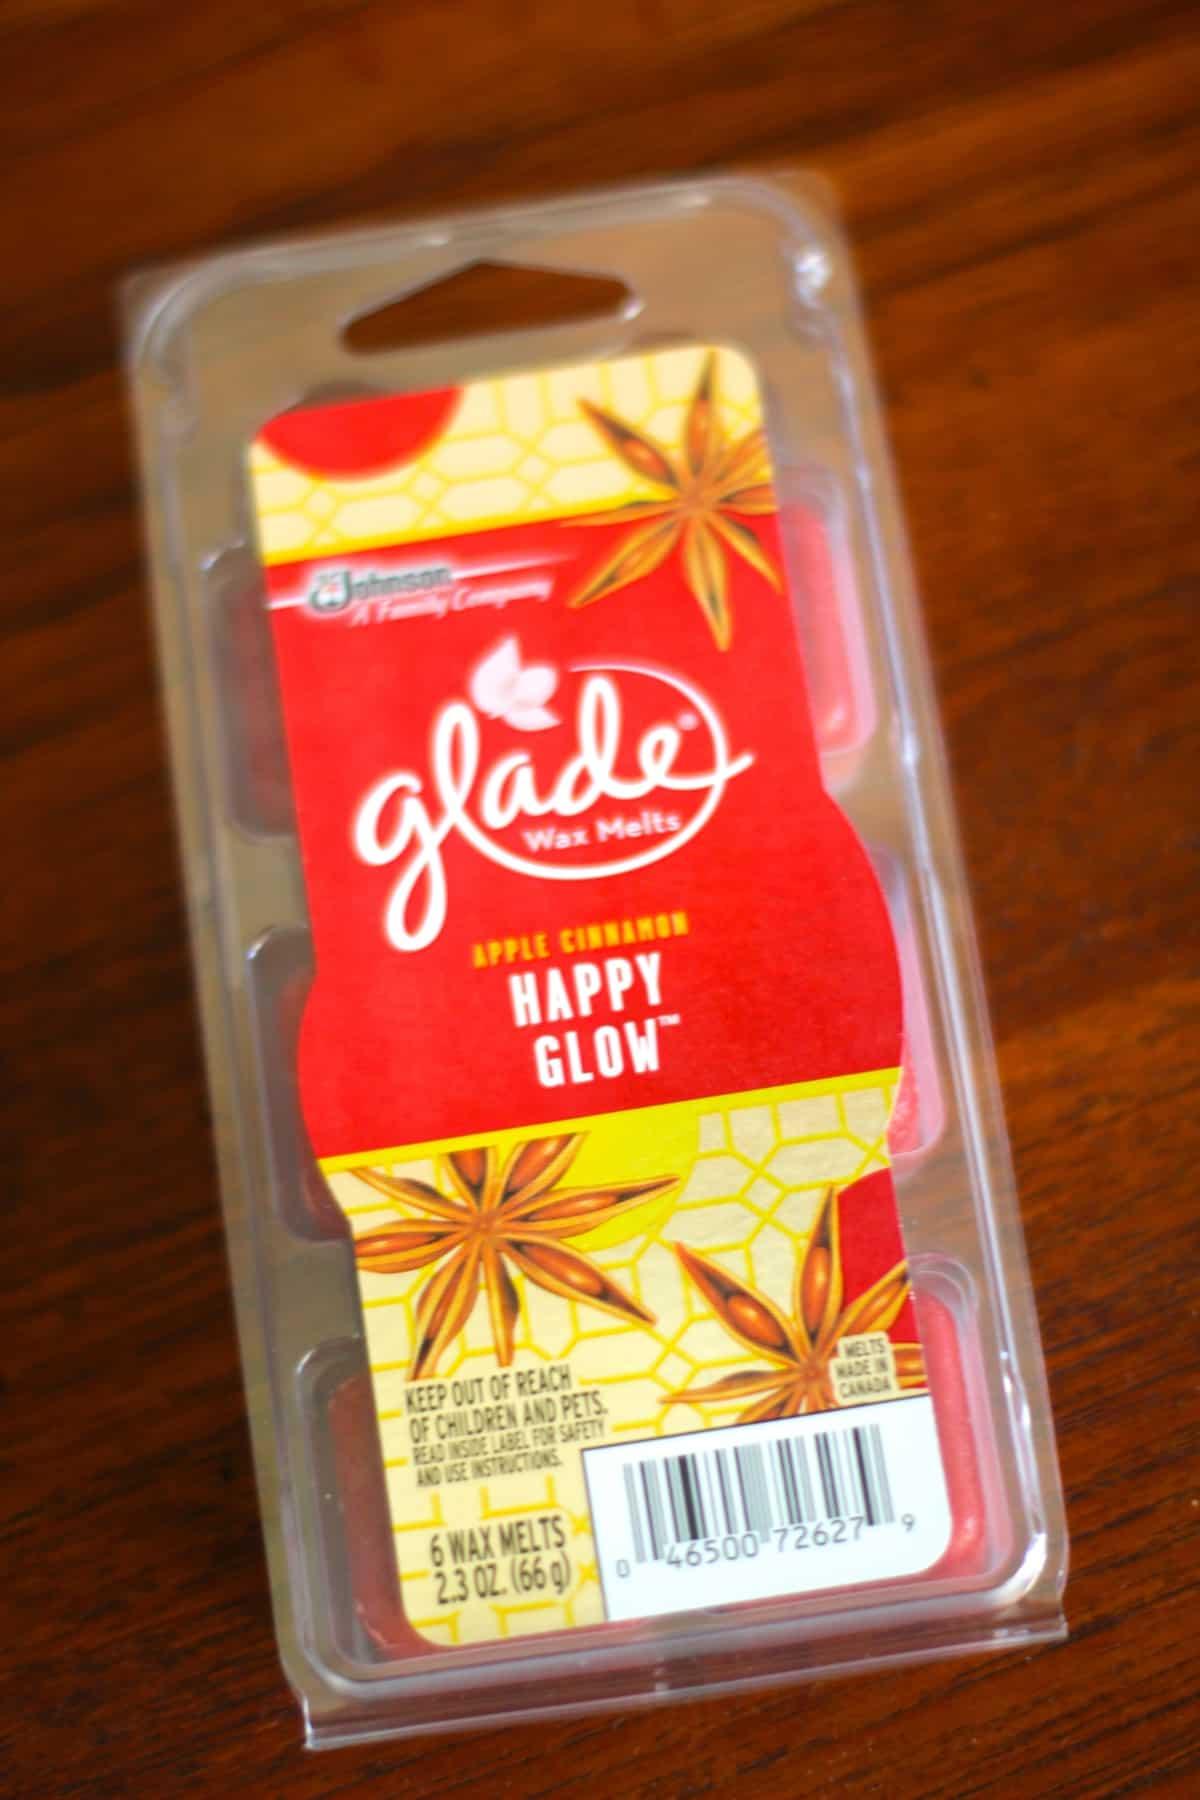 Glade Wax Melts